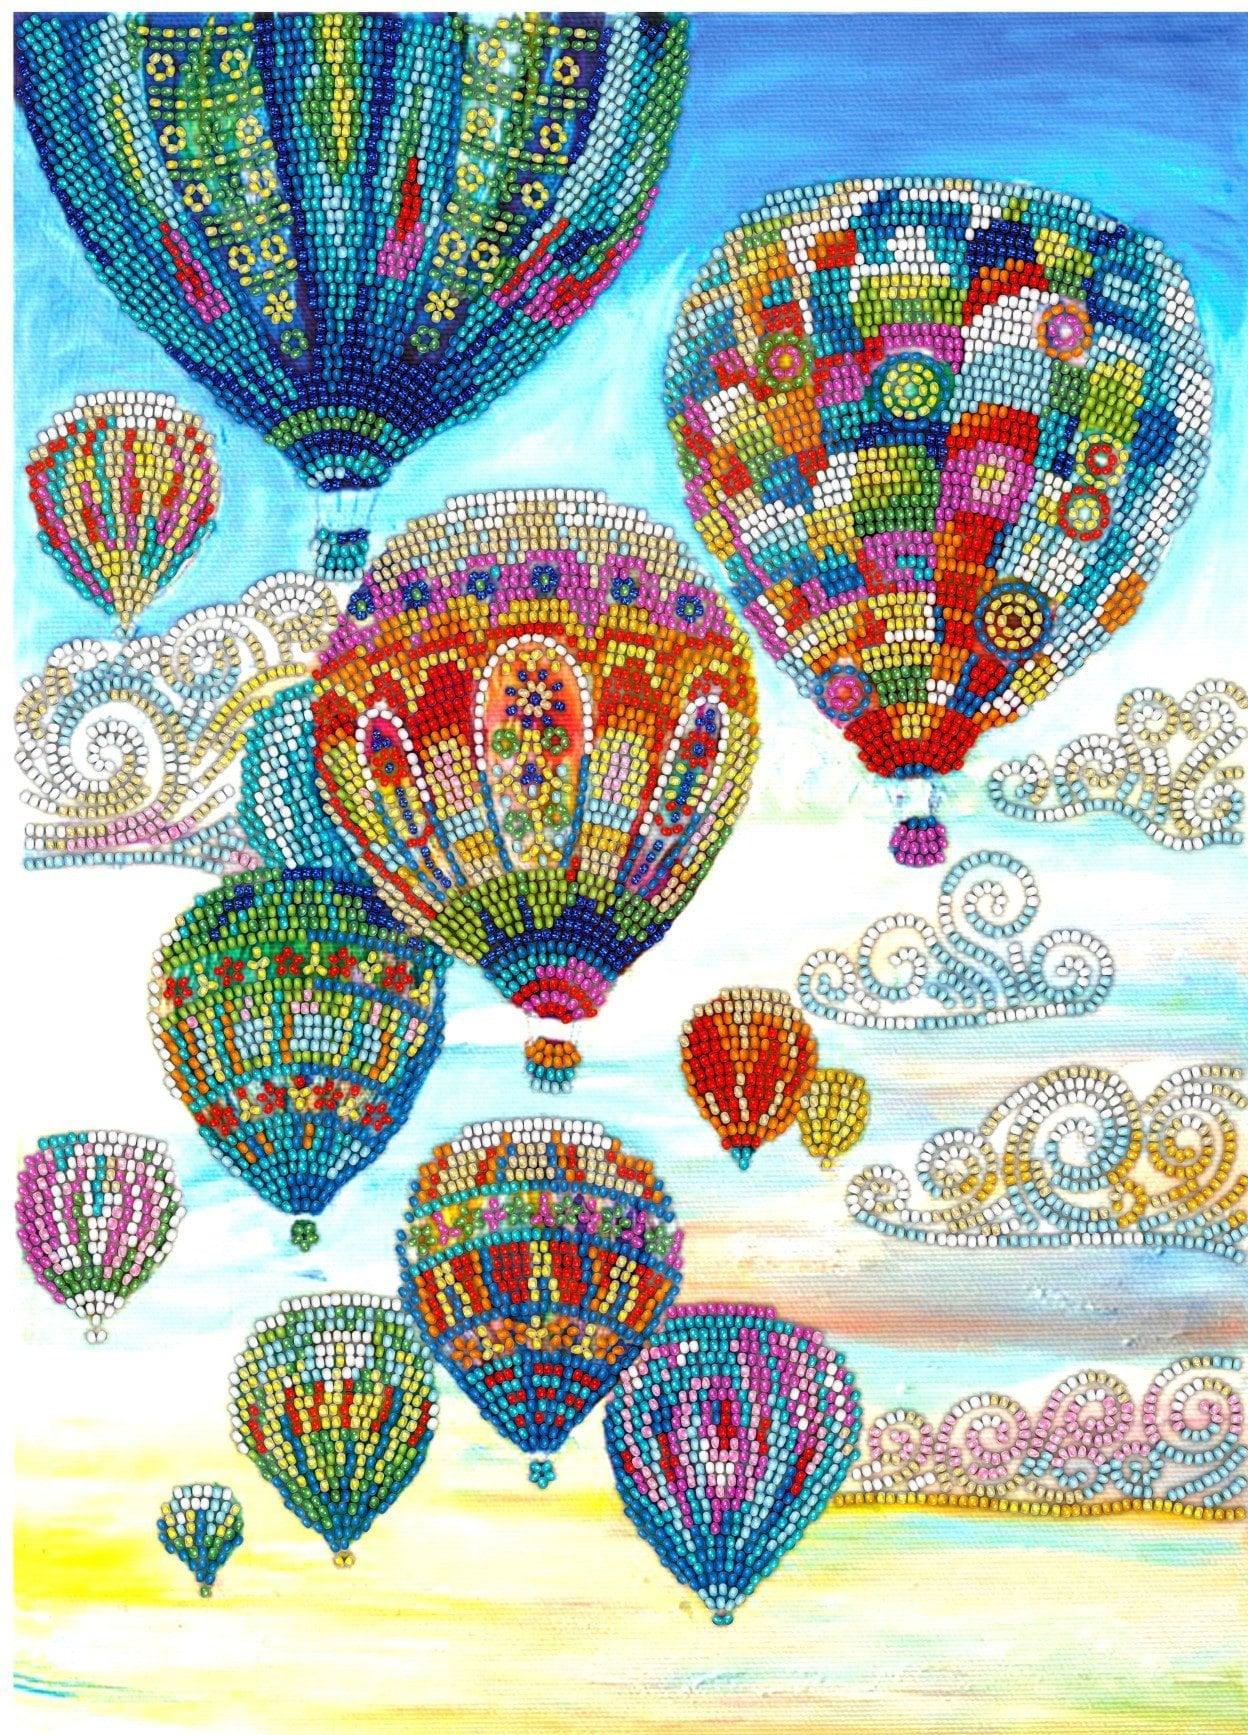 Ensemble de ballons perle bricolage broderie kit broderie artisanale artisanale artisanale perlée couture chambre mur pendaison de crémaillère idée cadeau déco 7f4082